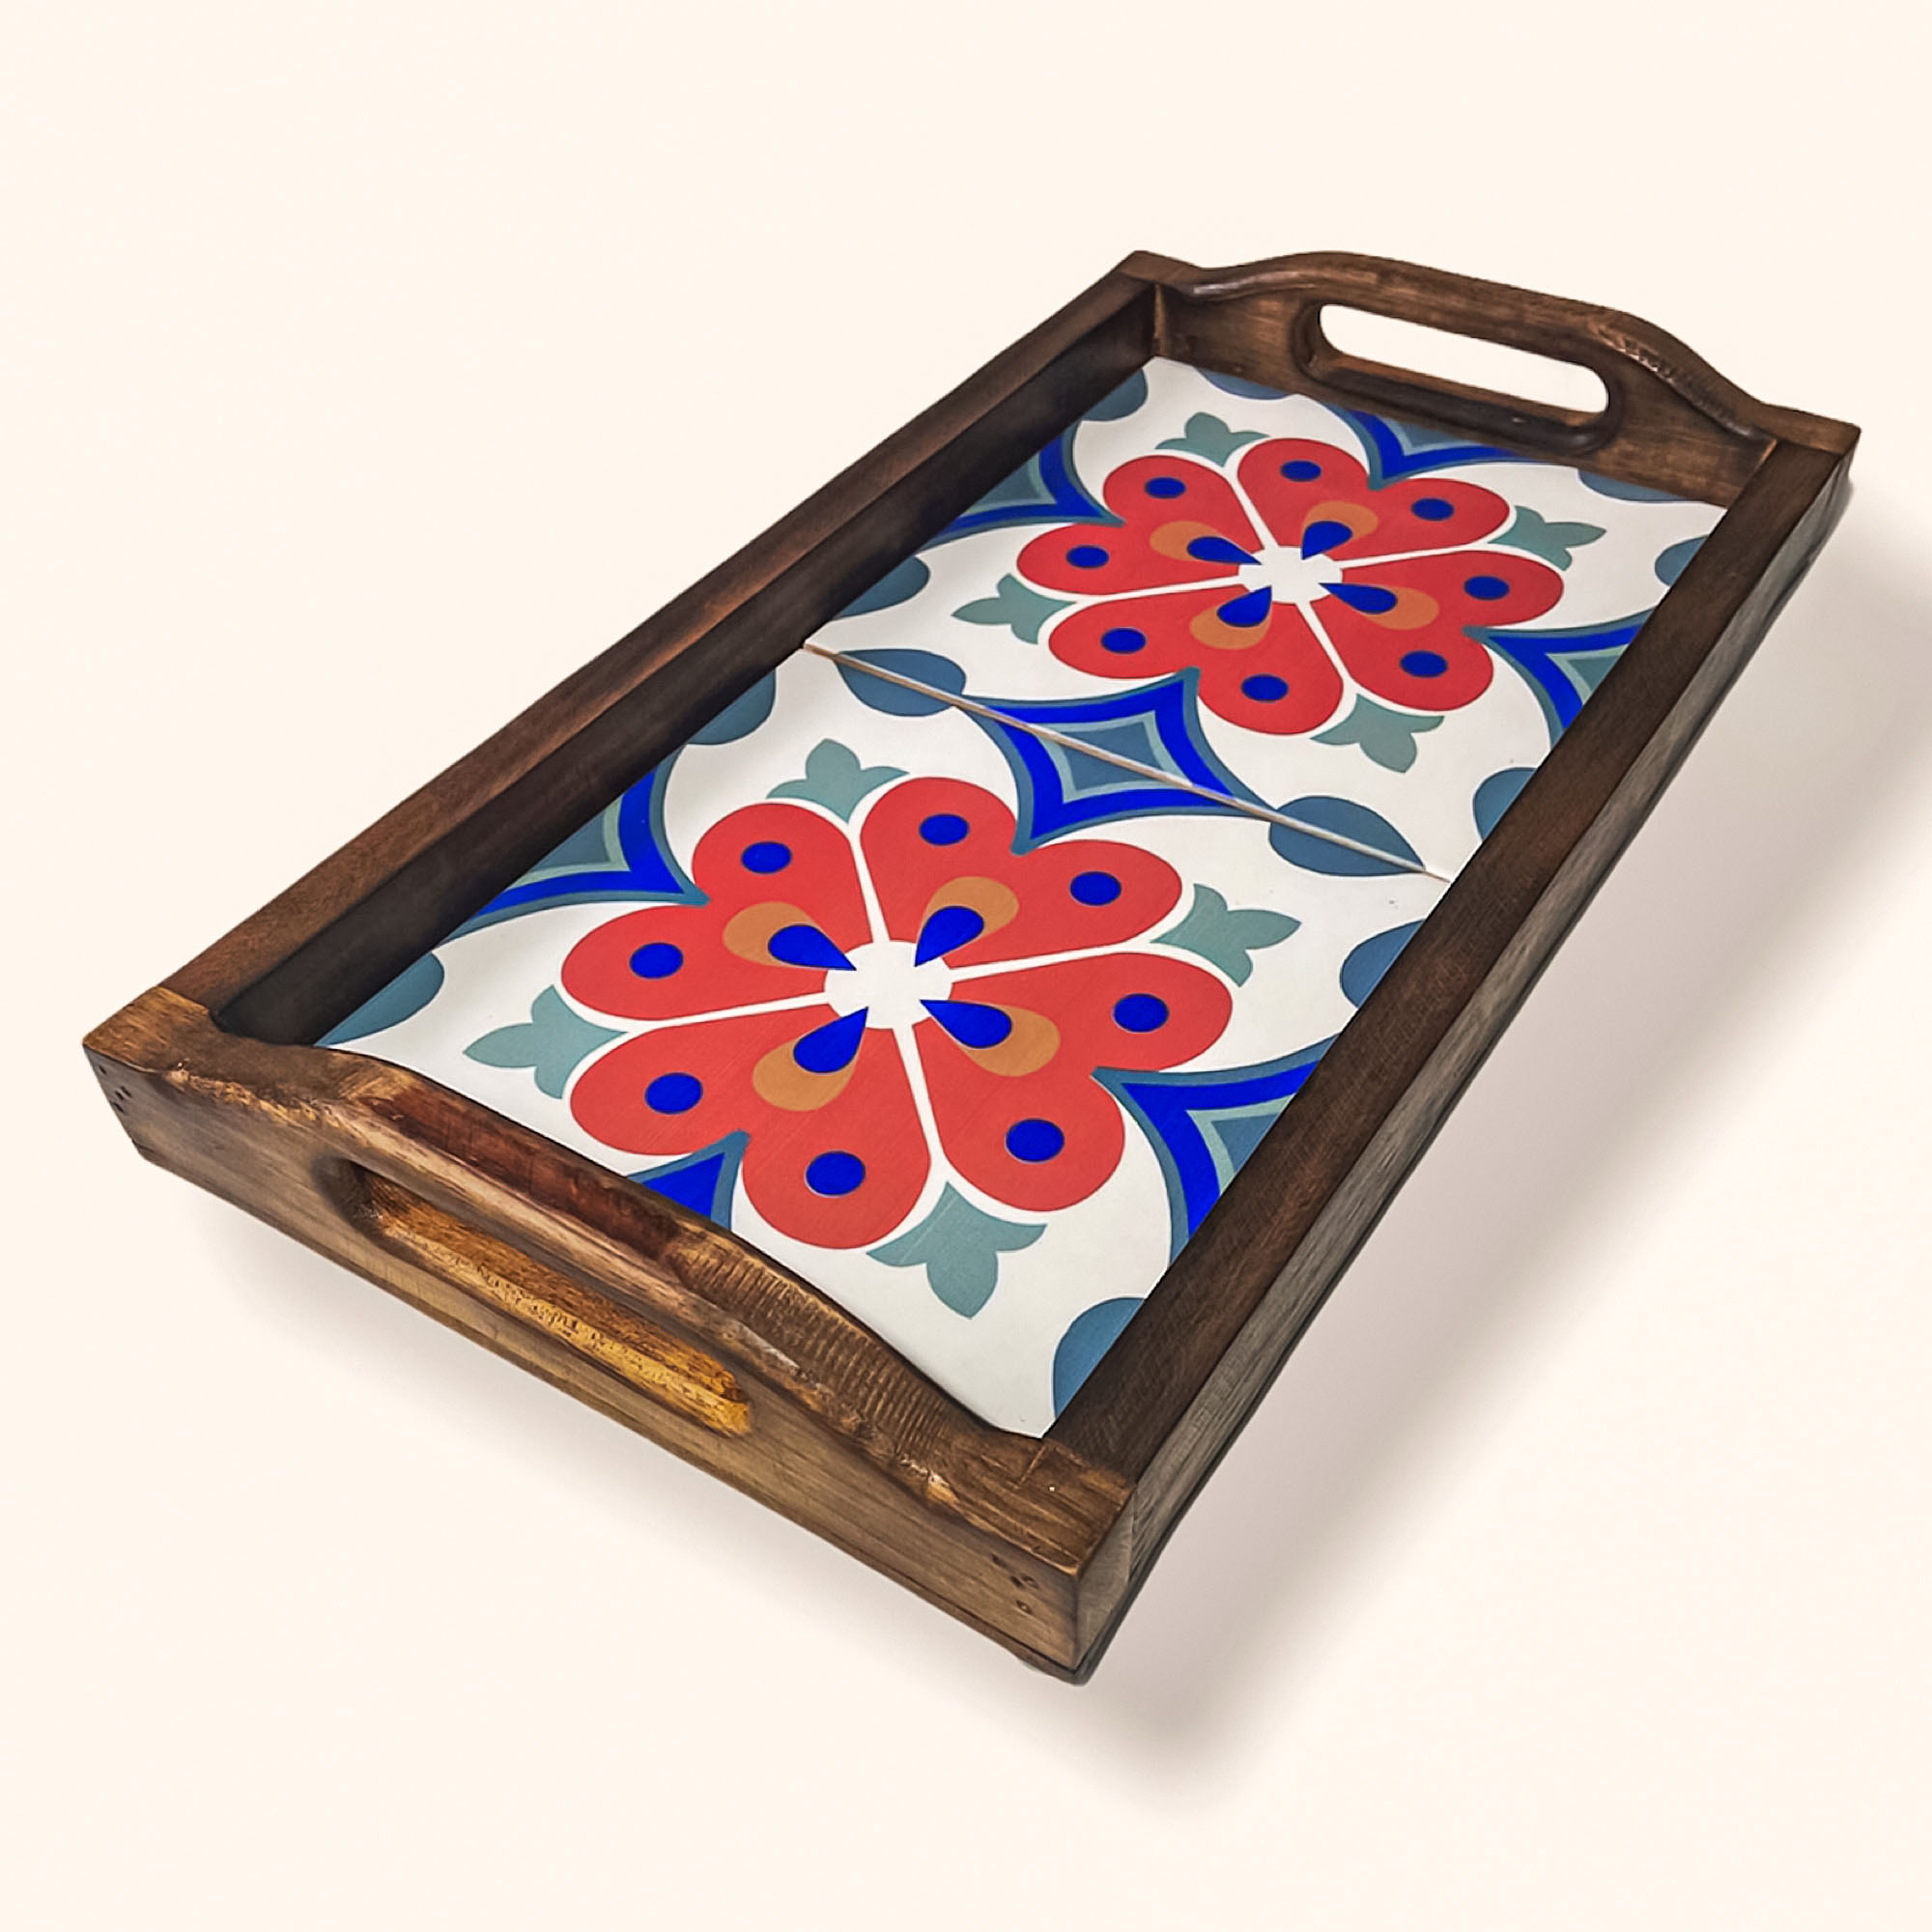 Bandeja Rústica  2 Ladrilhos - Floral Vermelho com Azul